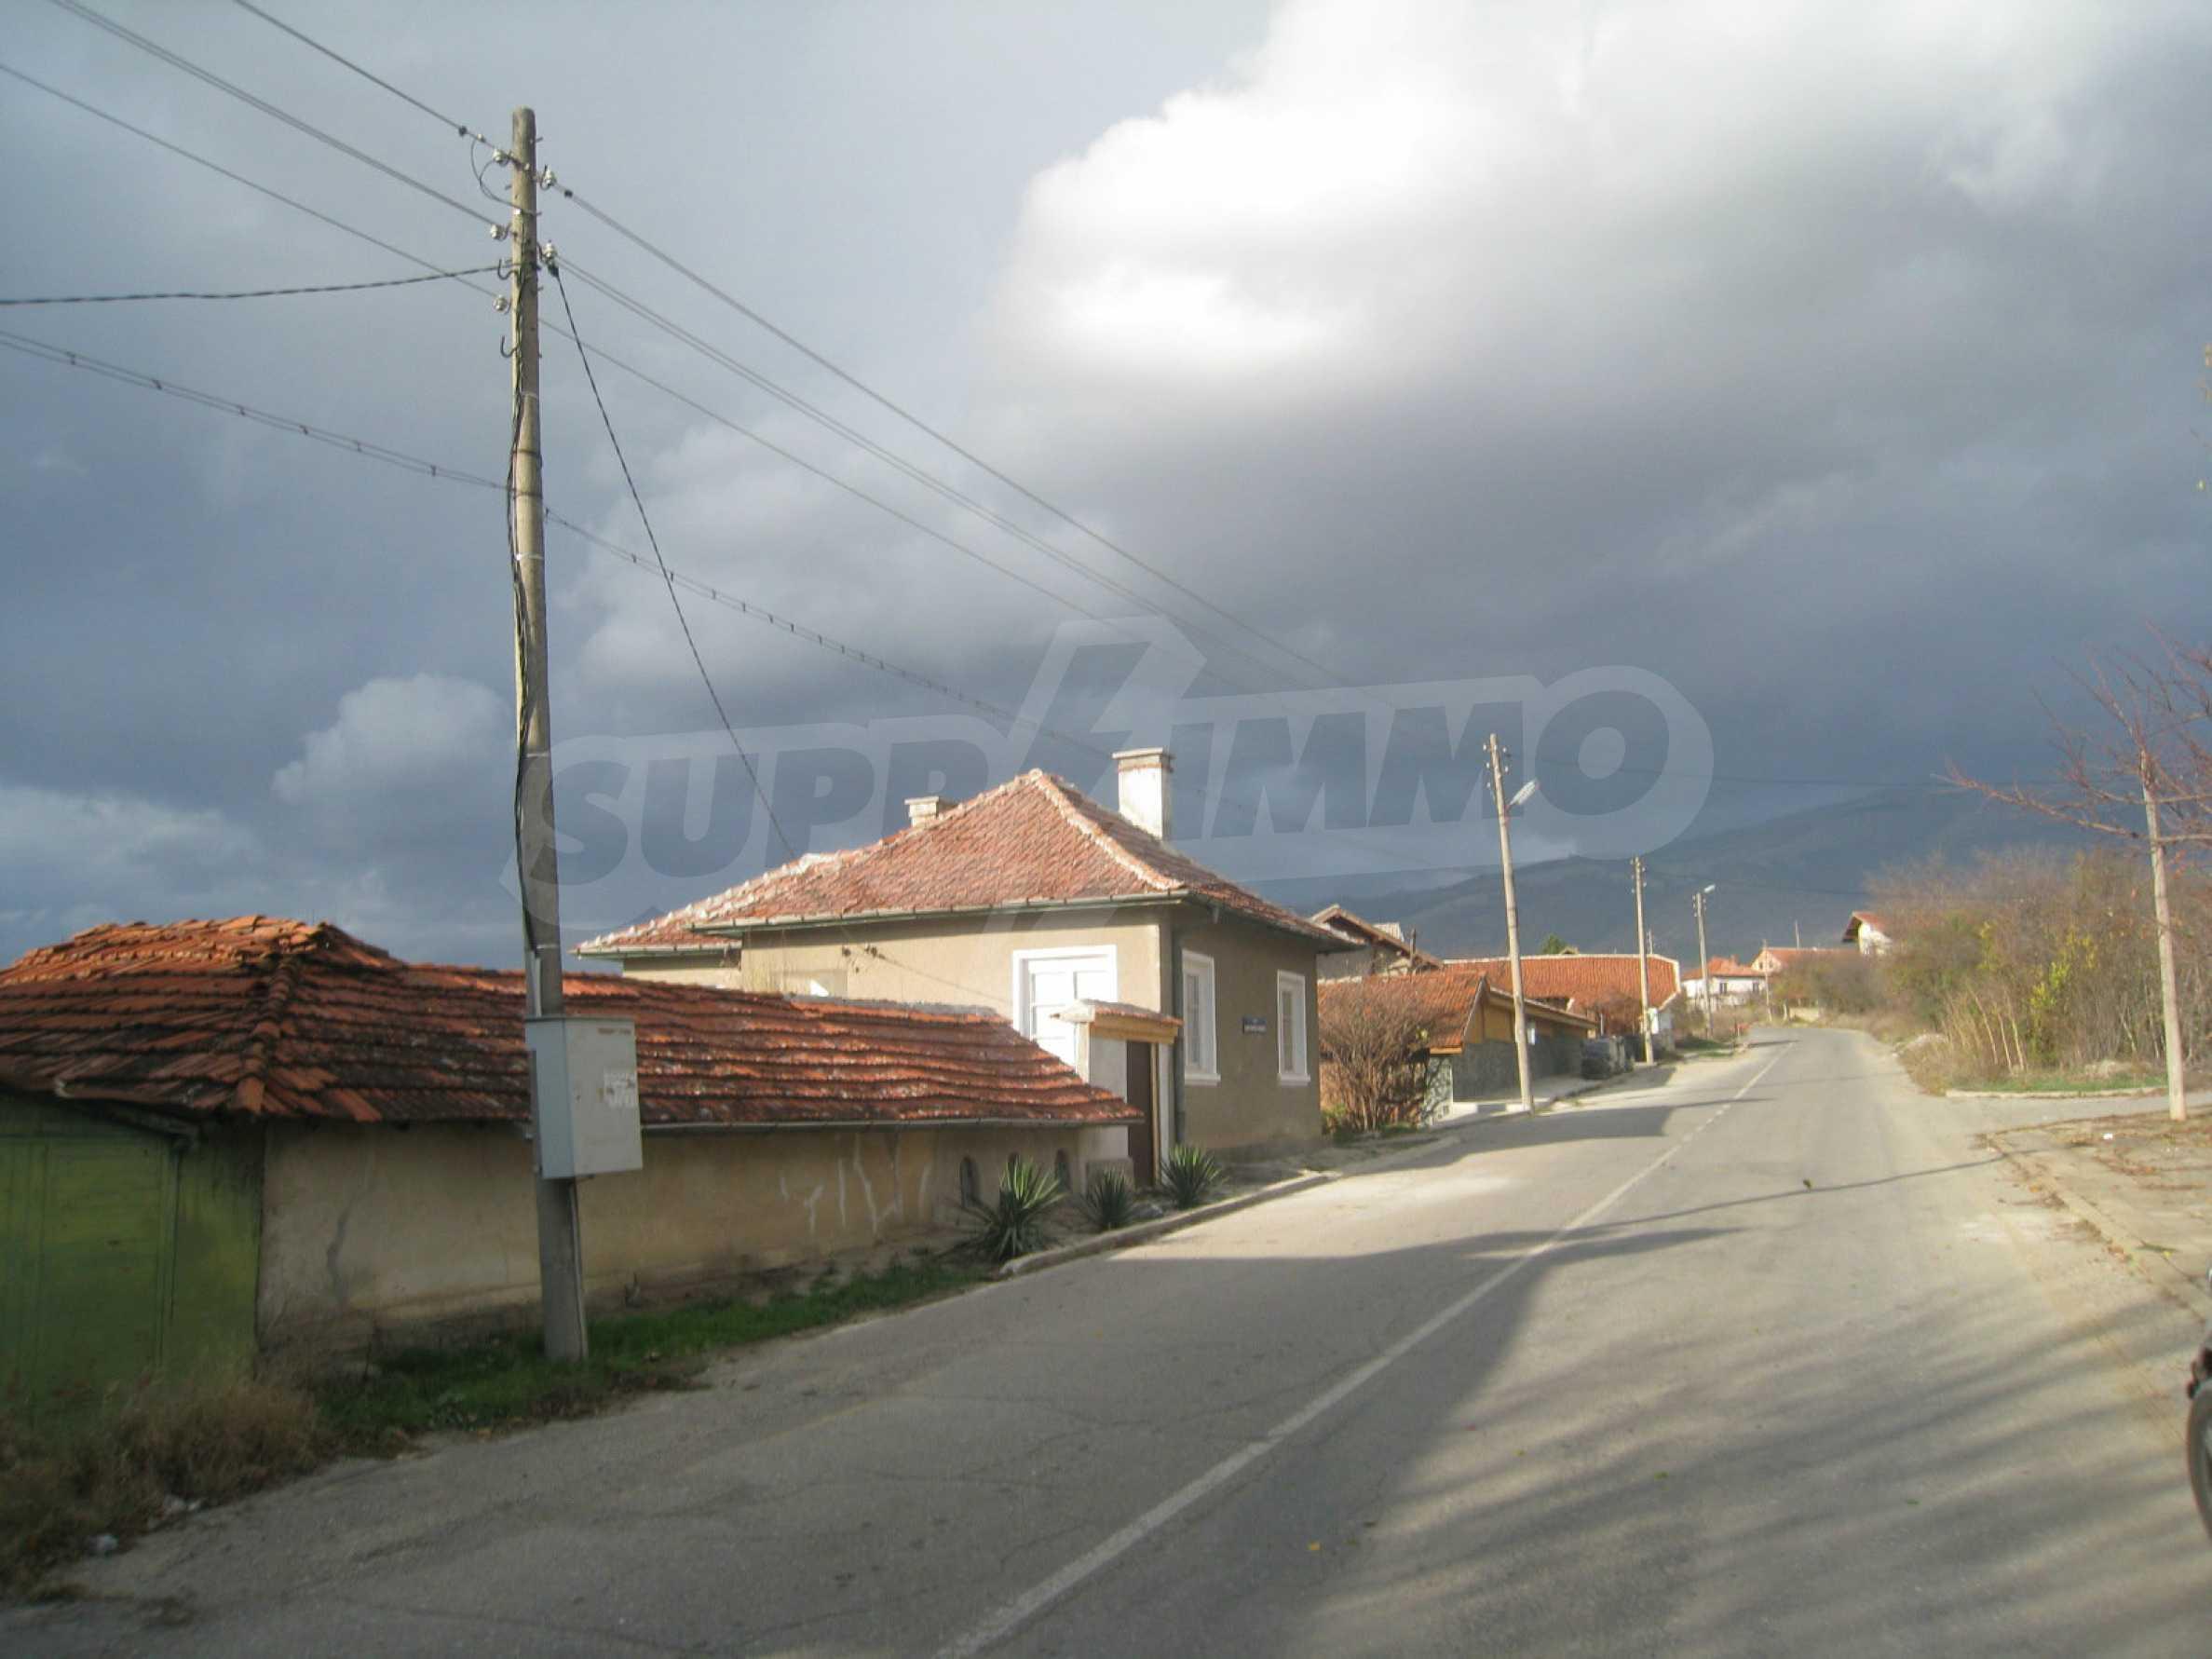 Дом на продажу недалеко от города Кюстендил 53